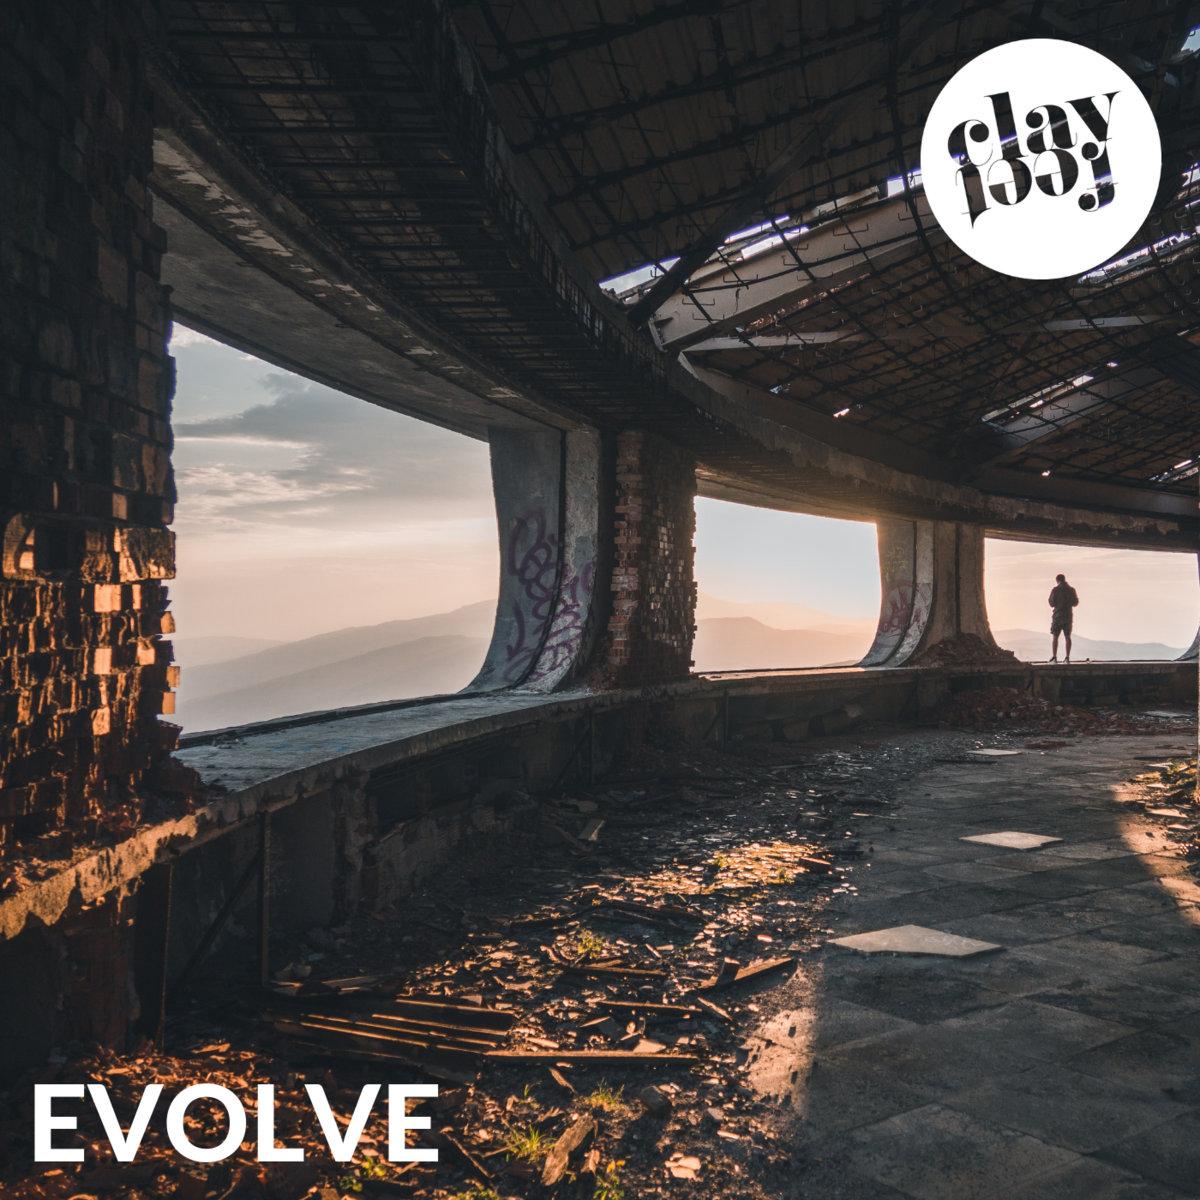 evolve_cover.jpg